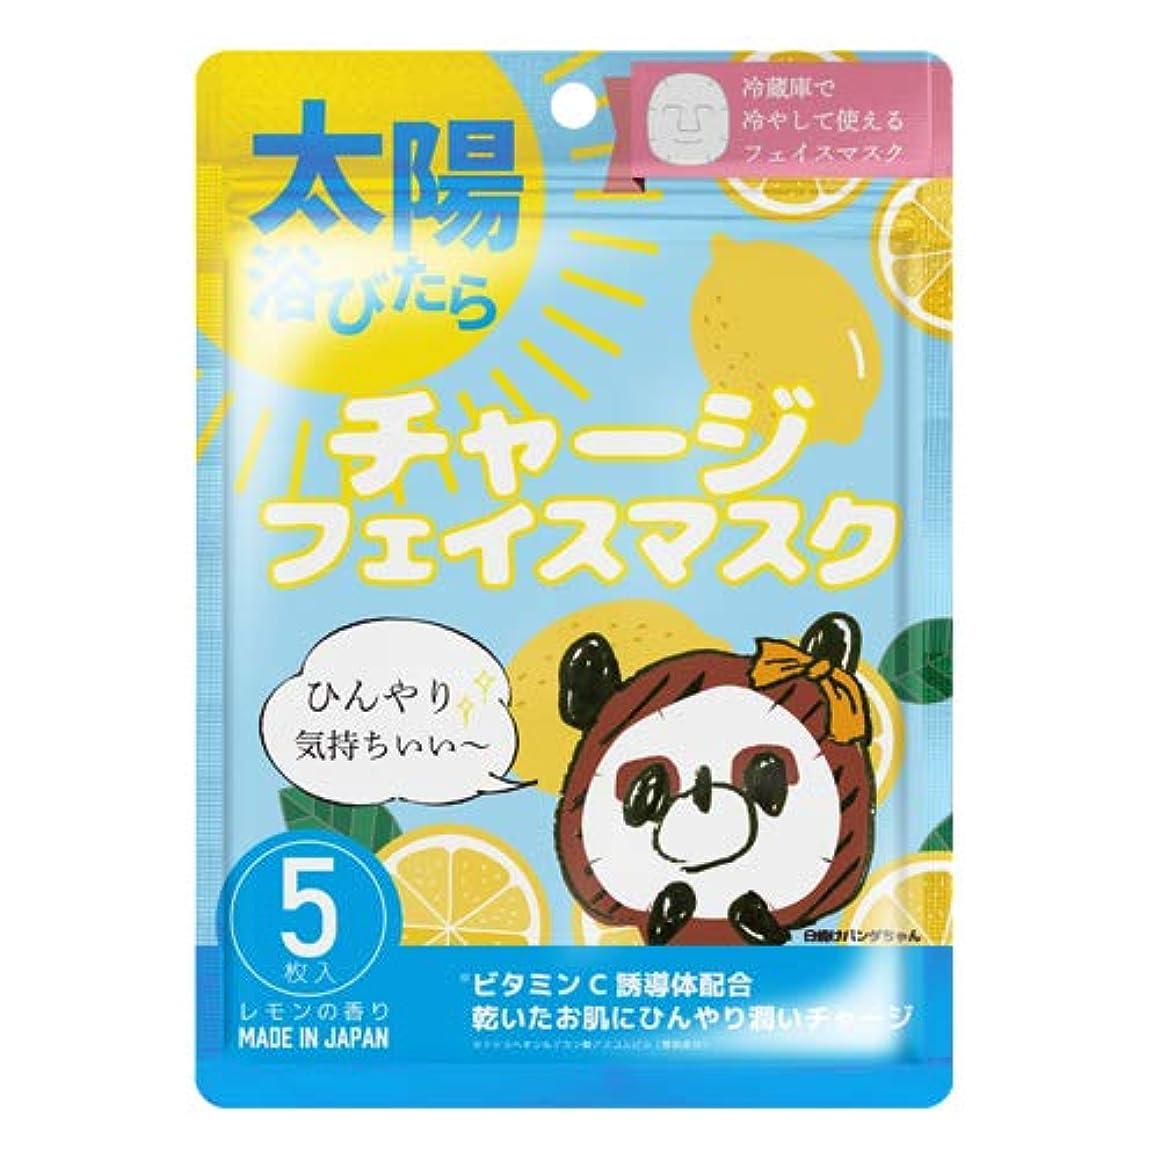 接触遅滞もろいチャージフェイスマスク Charge Face Mask / 美容 フェイスマスク 日焼け 潤い レモン スキンケア